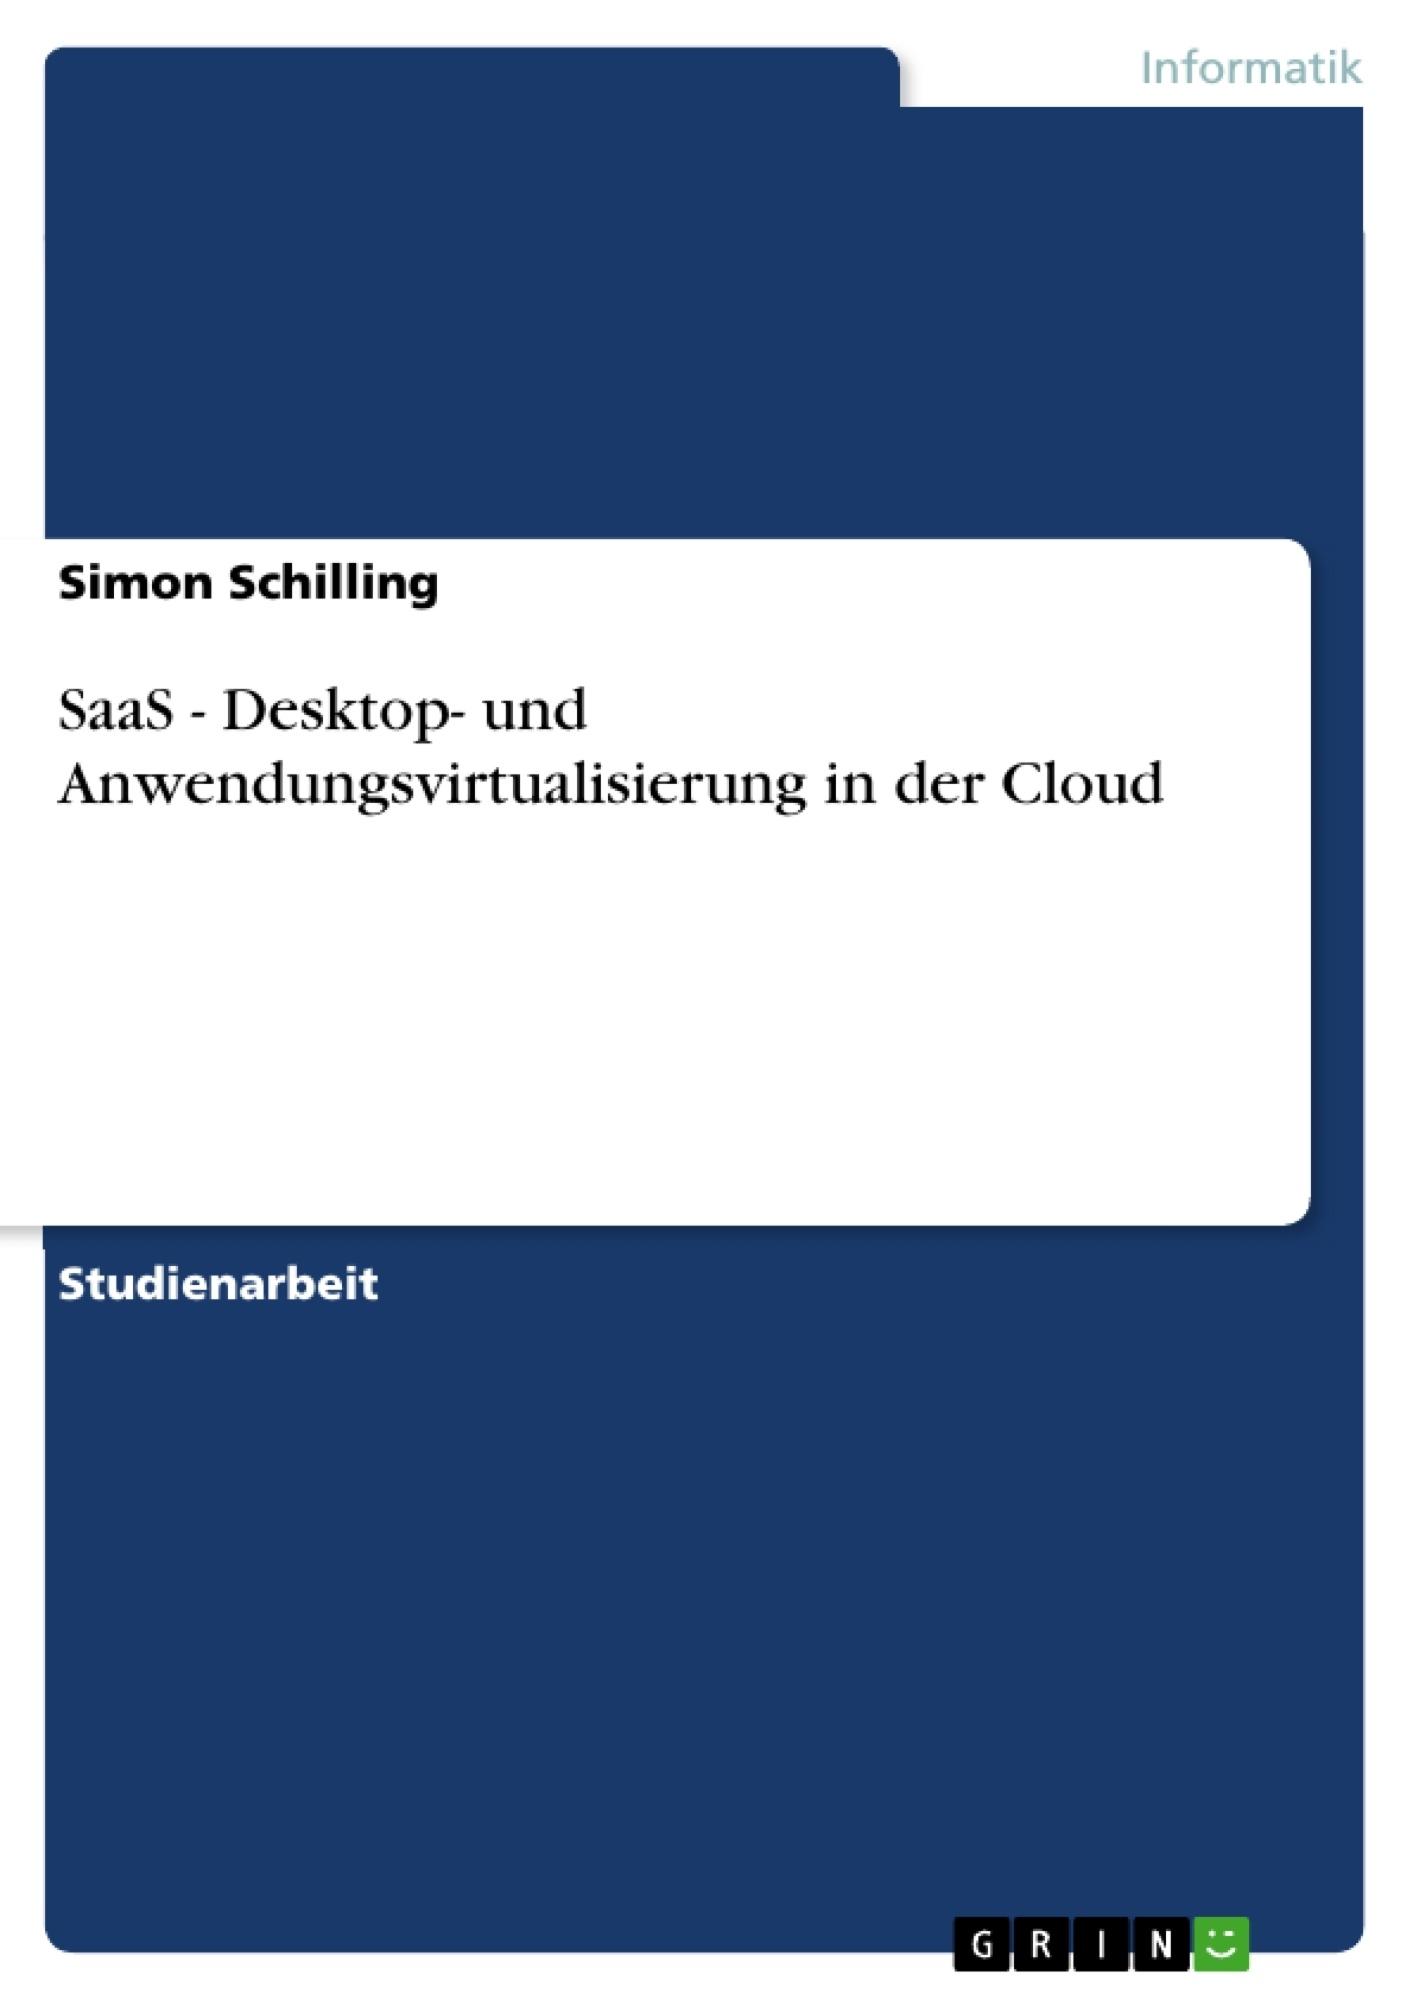 Titel: SaaS - Desktop- und Anwendungsvirtualisierung in der Cloud